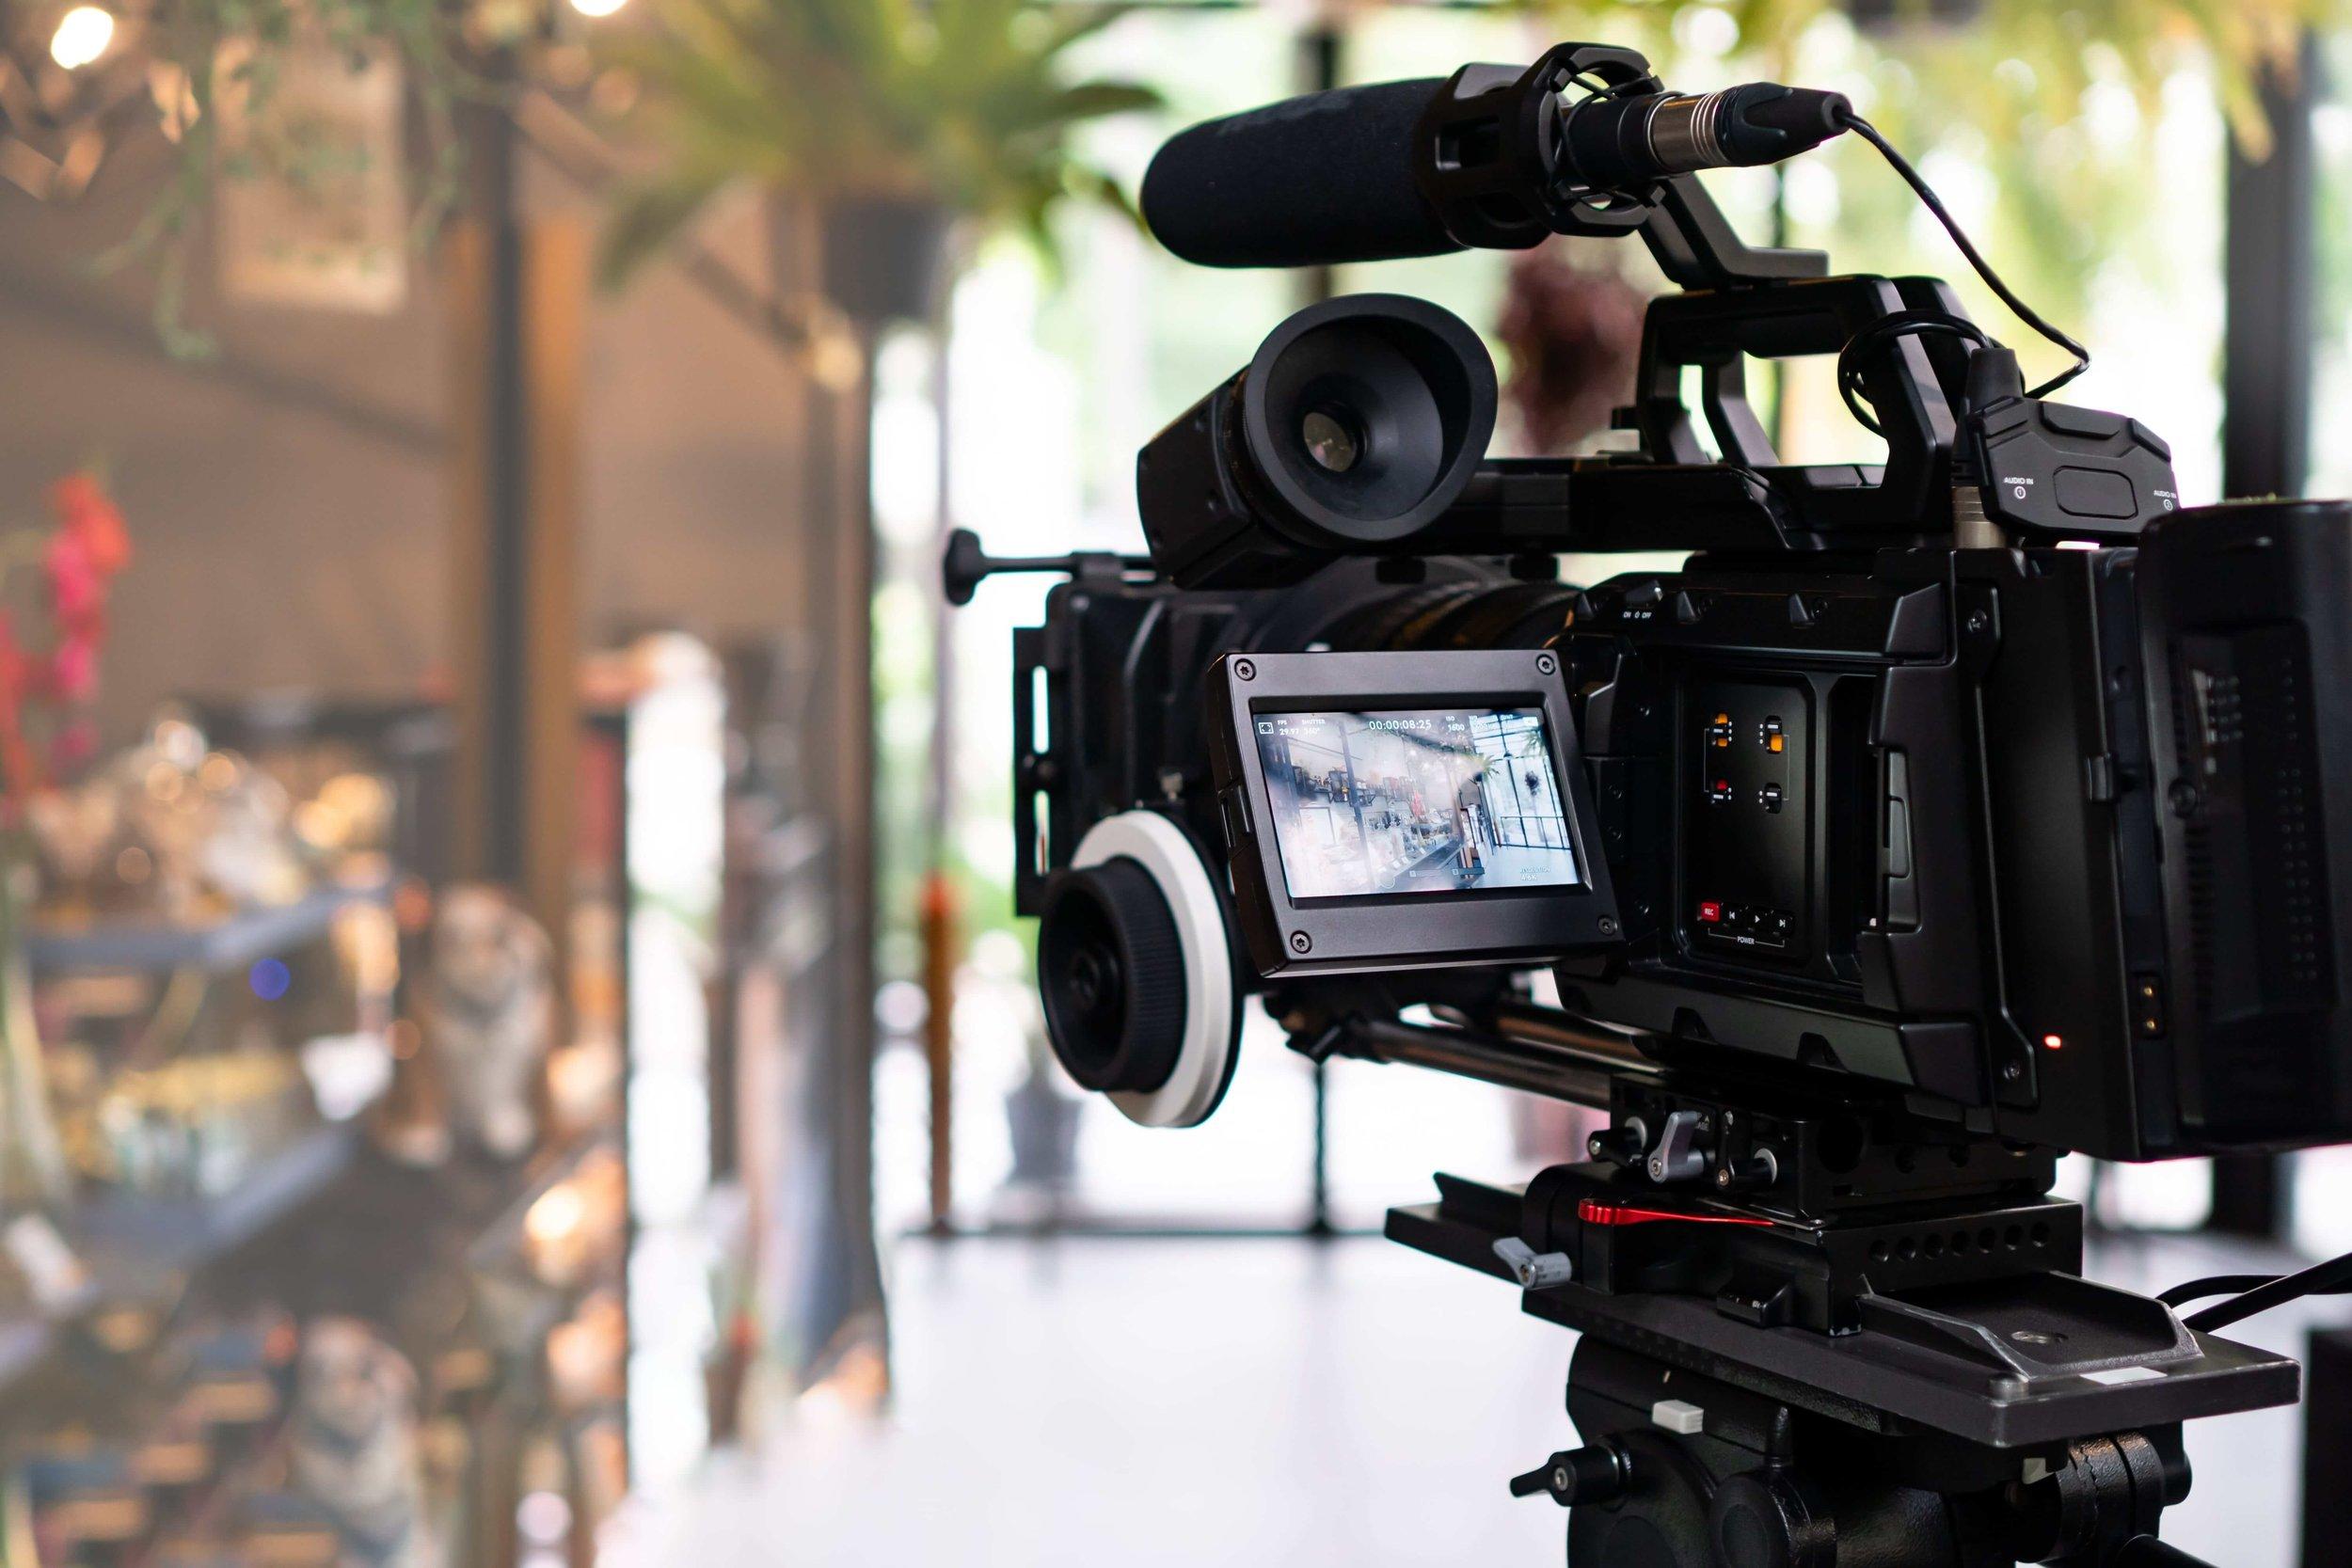 Filming-min (1).jpg